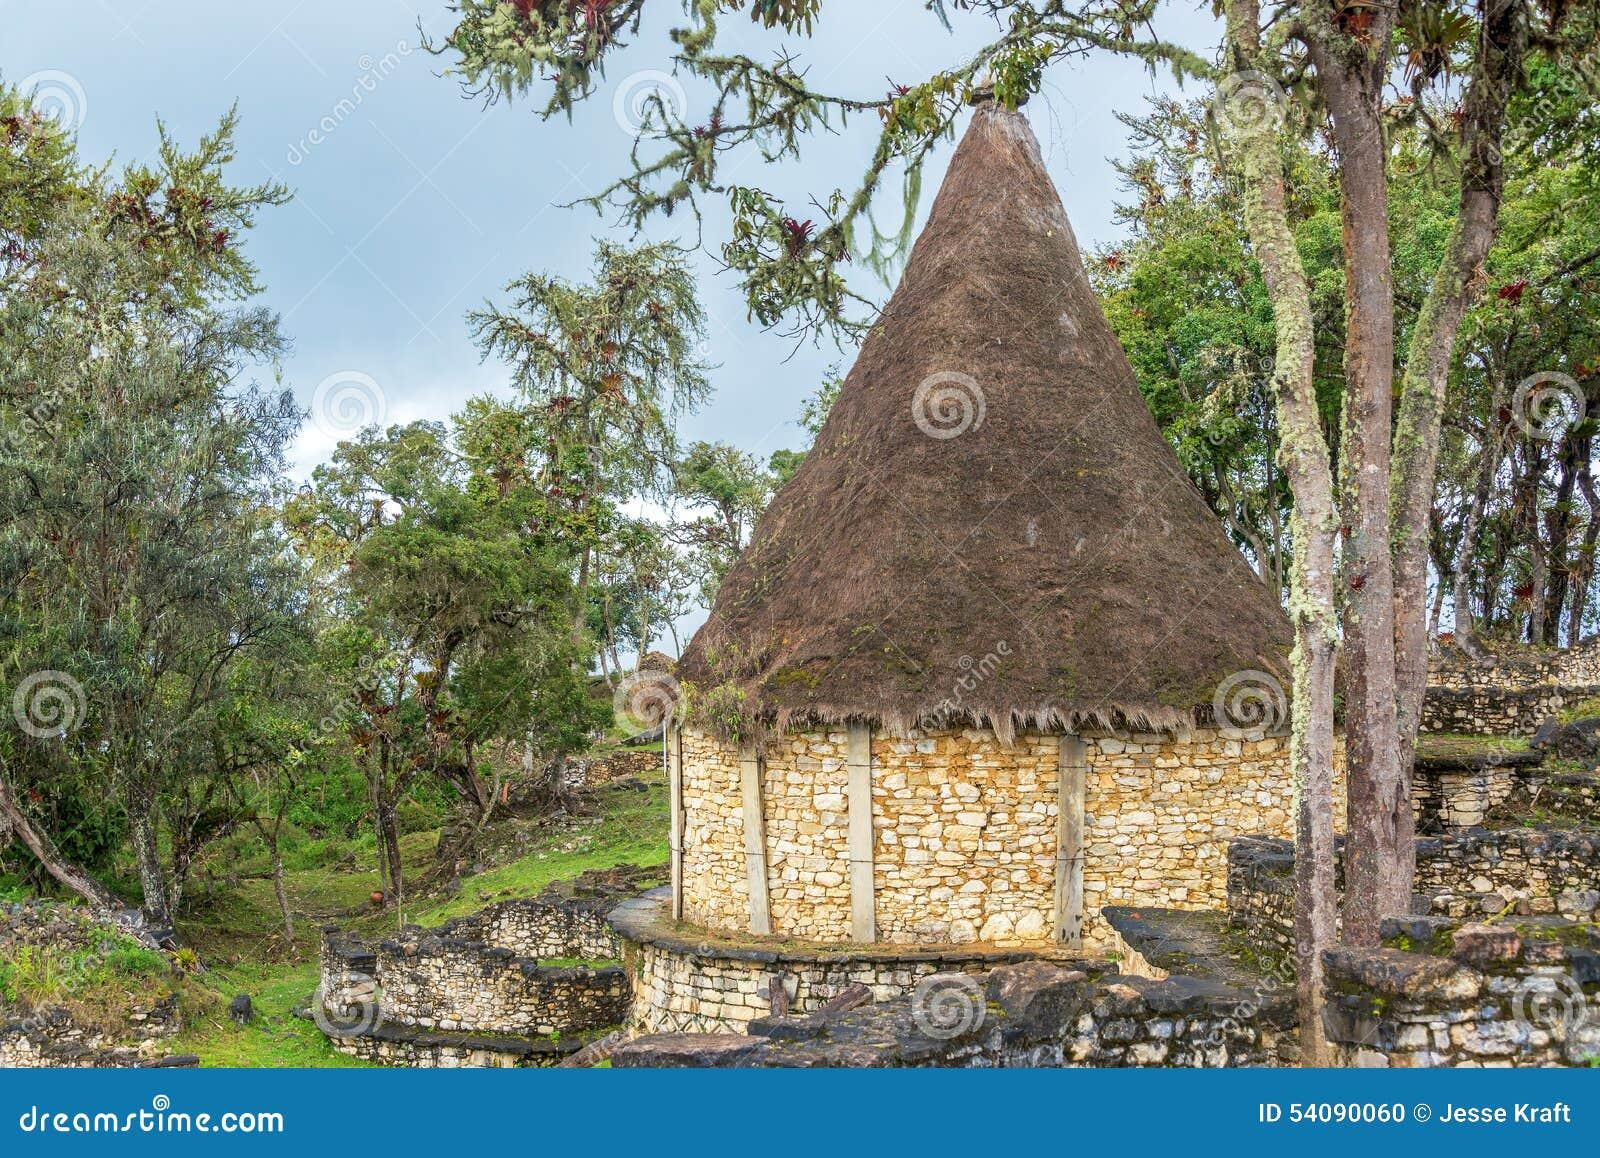 Oud Huis in Kuelap, Peru